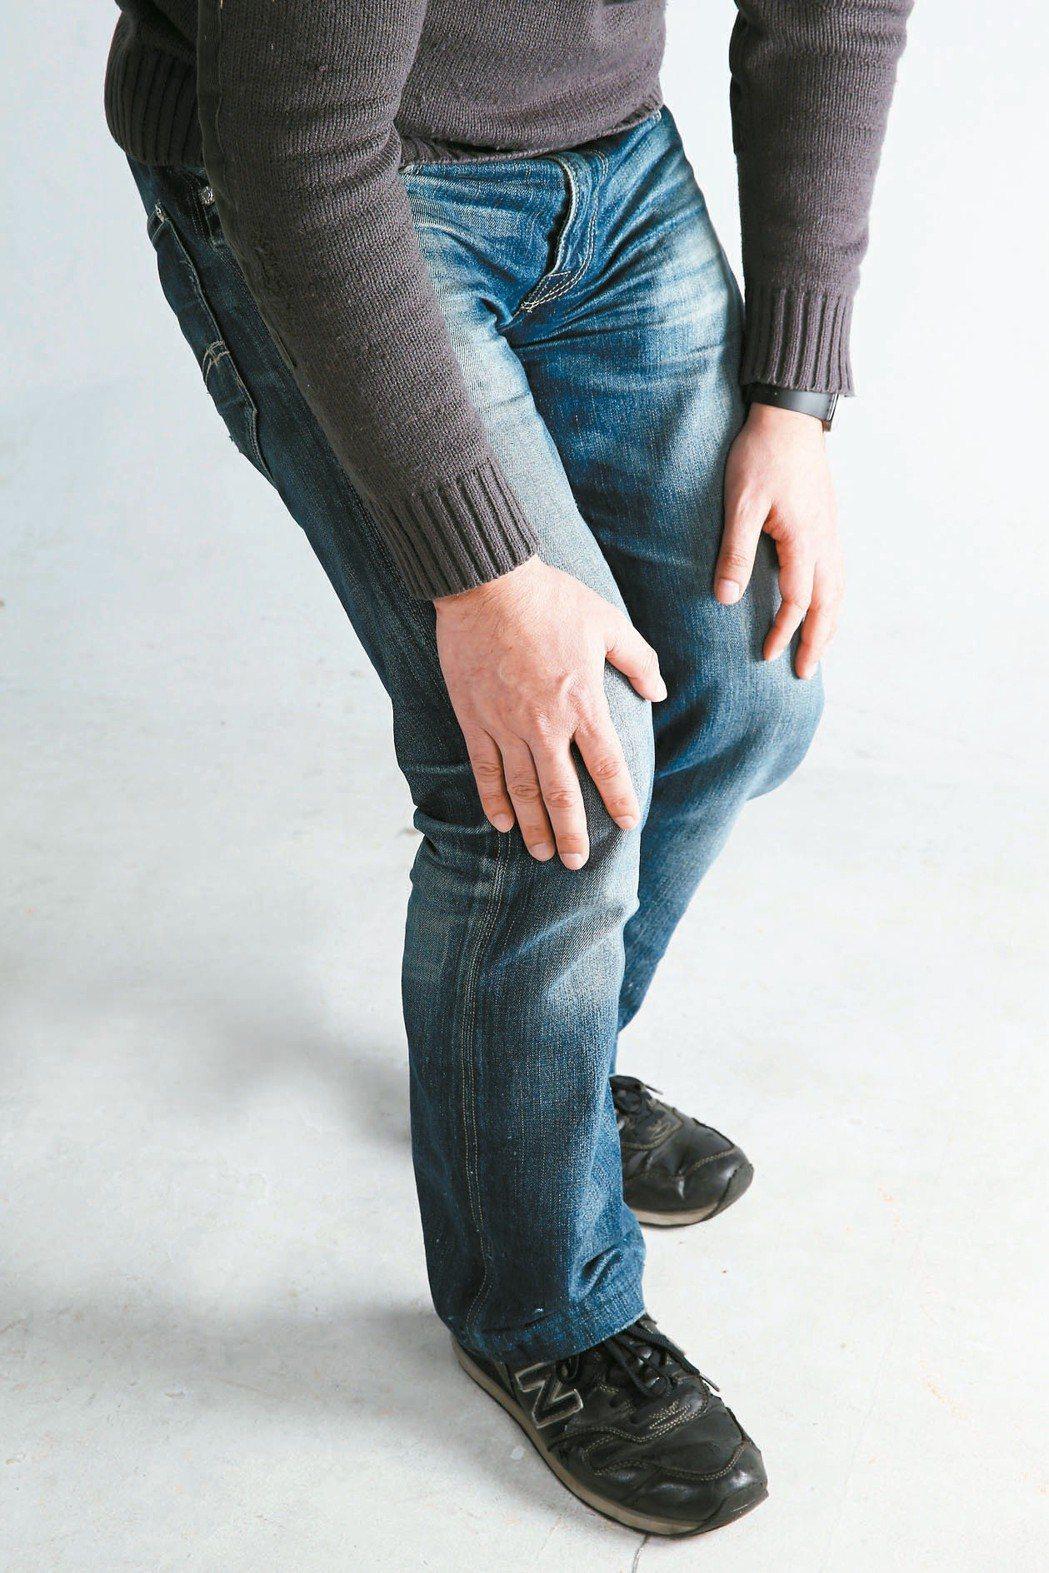 退化性關節炎是膝關節軟骨磨損造成,雙腿承受身體重量,關節用了幾十年、年紀大了,退...